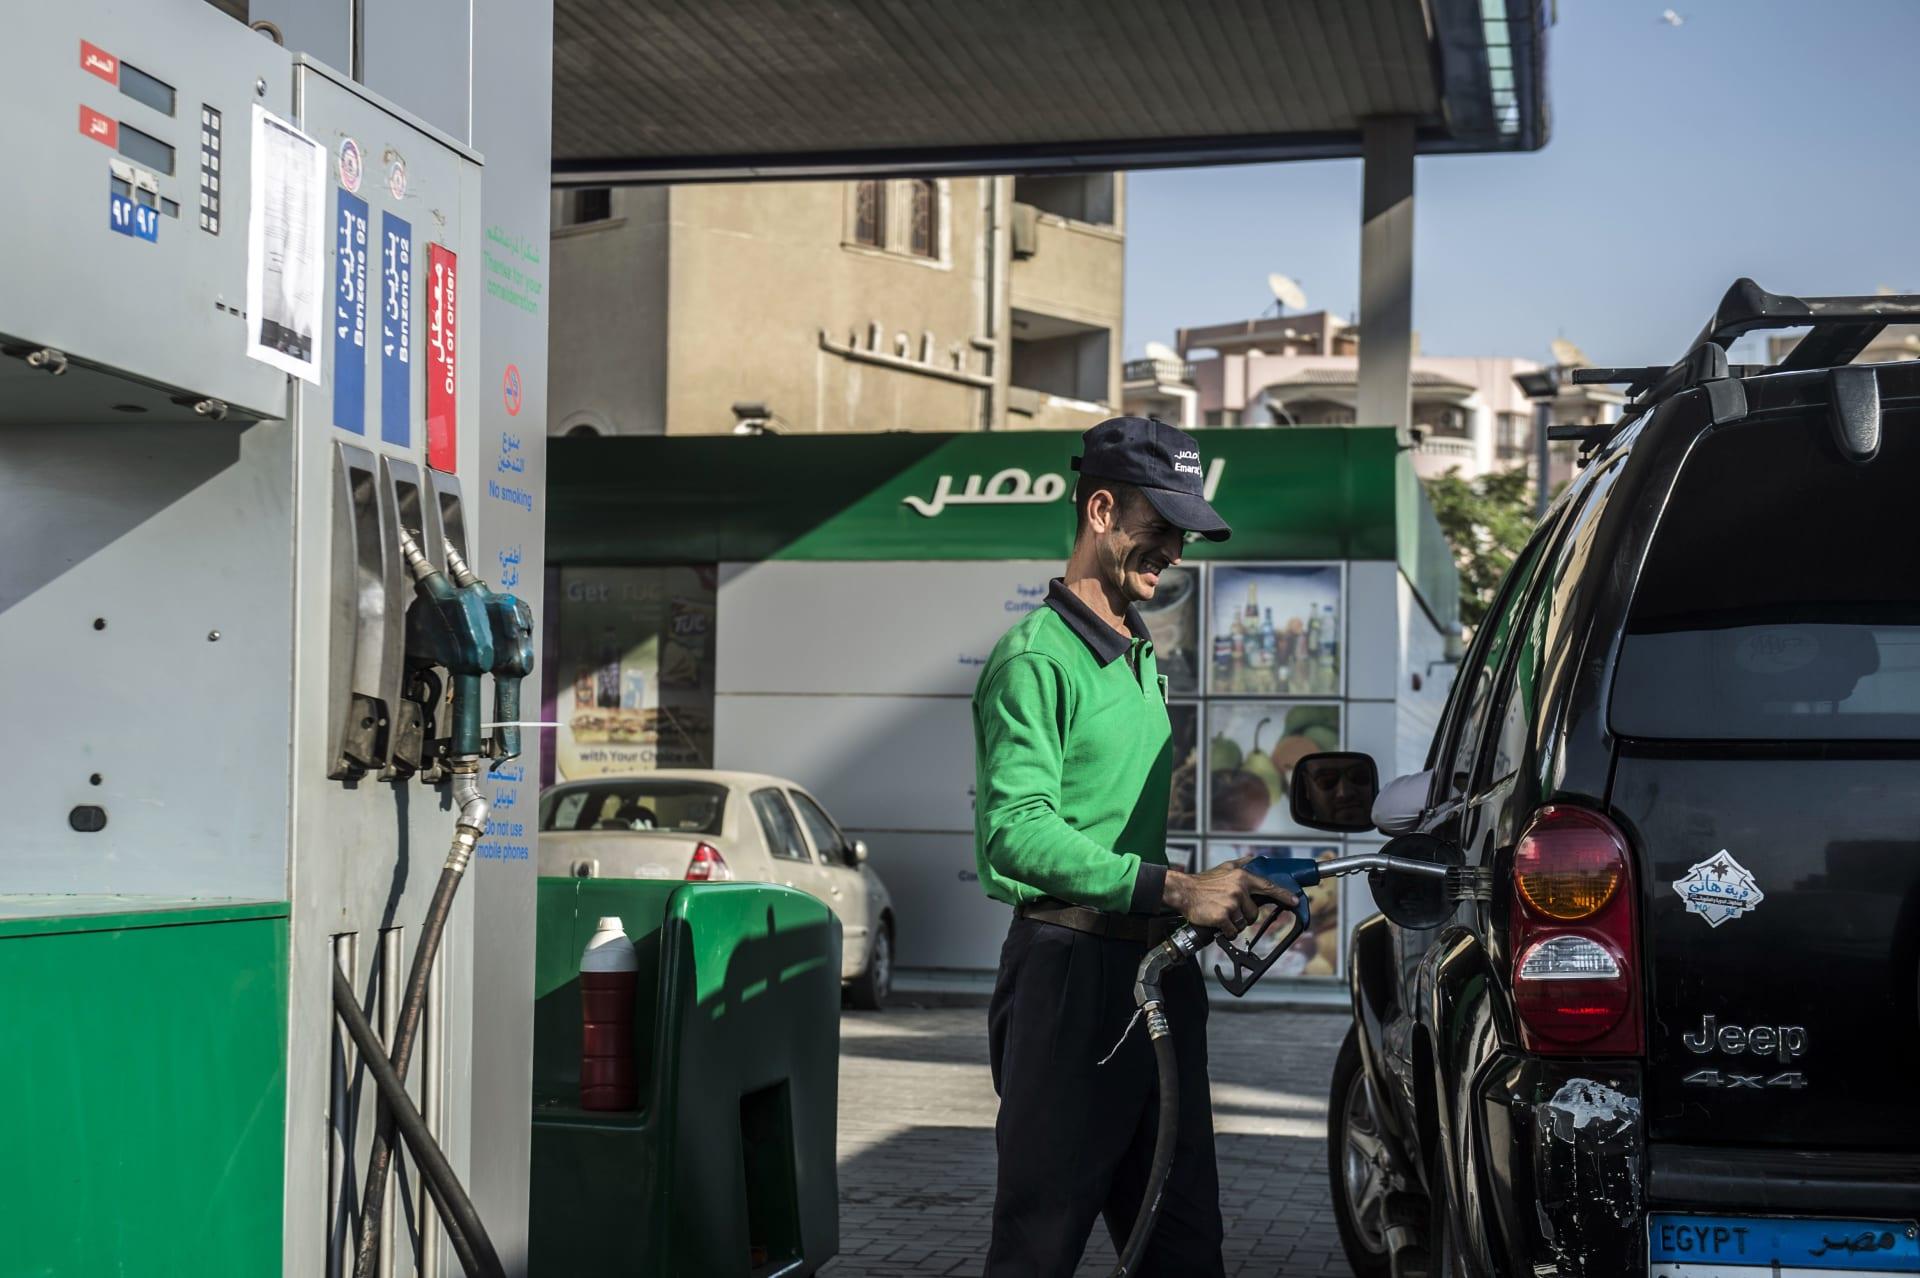 صندوق النقد الدولي: مصر ستلغي دعم الوقود بالكامل في هذا الموعد